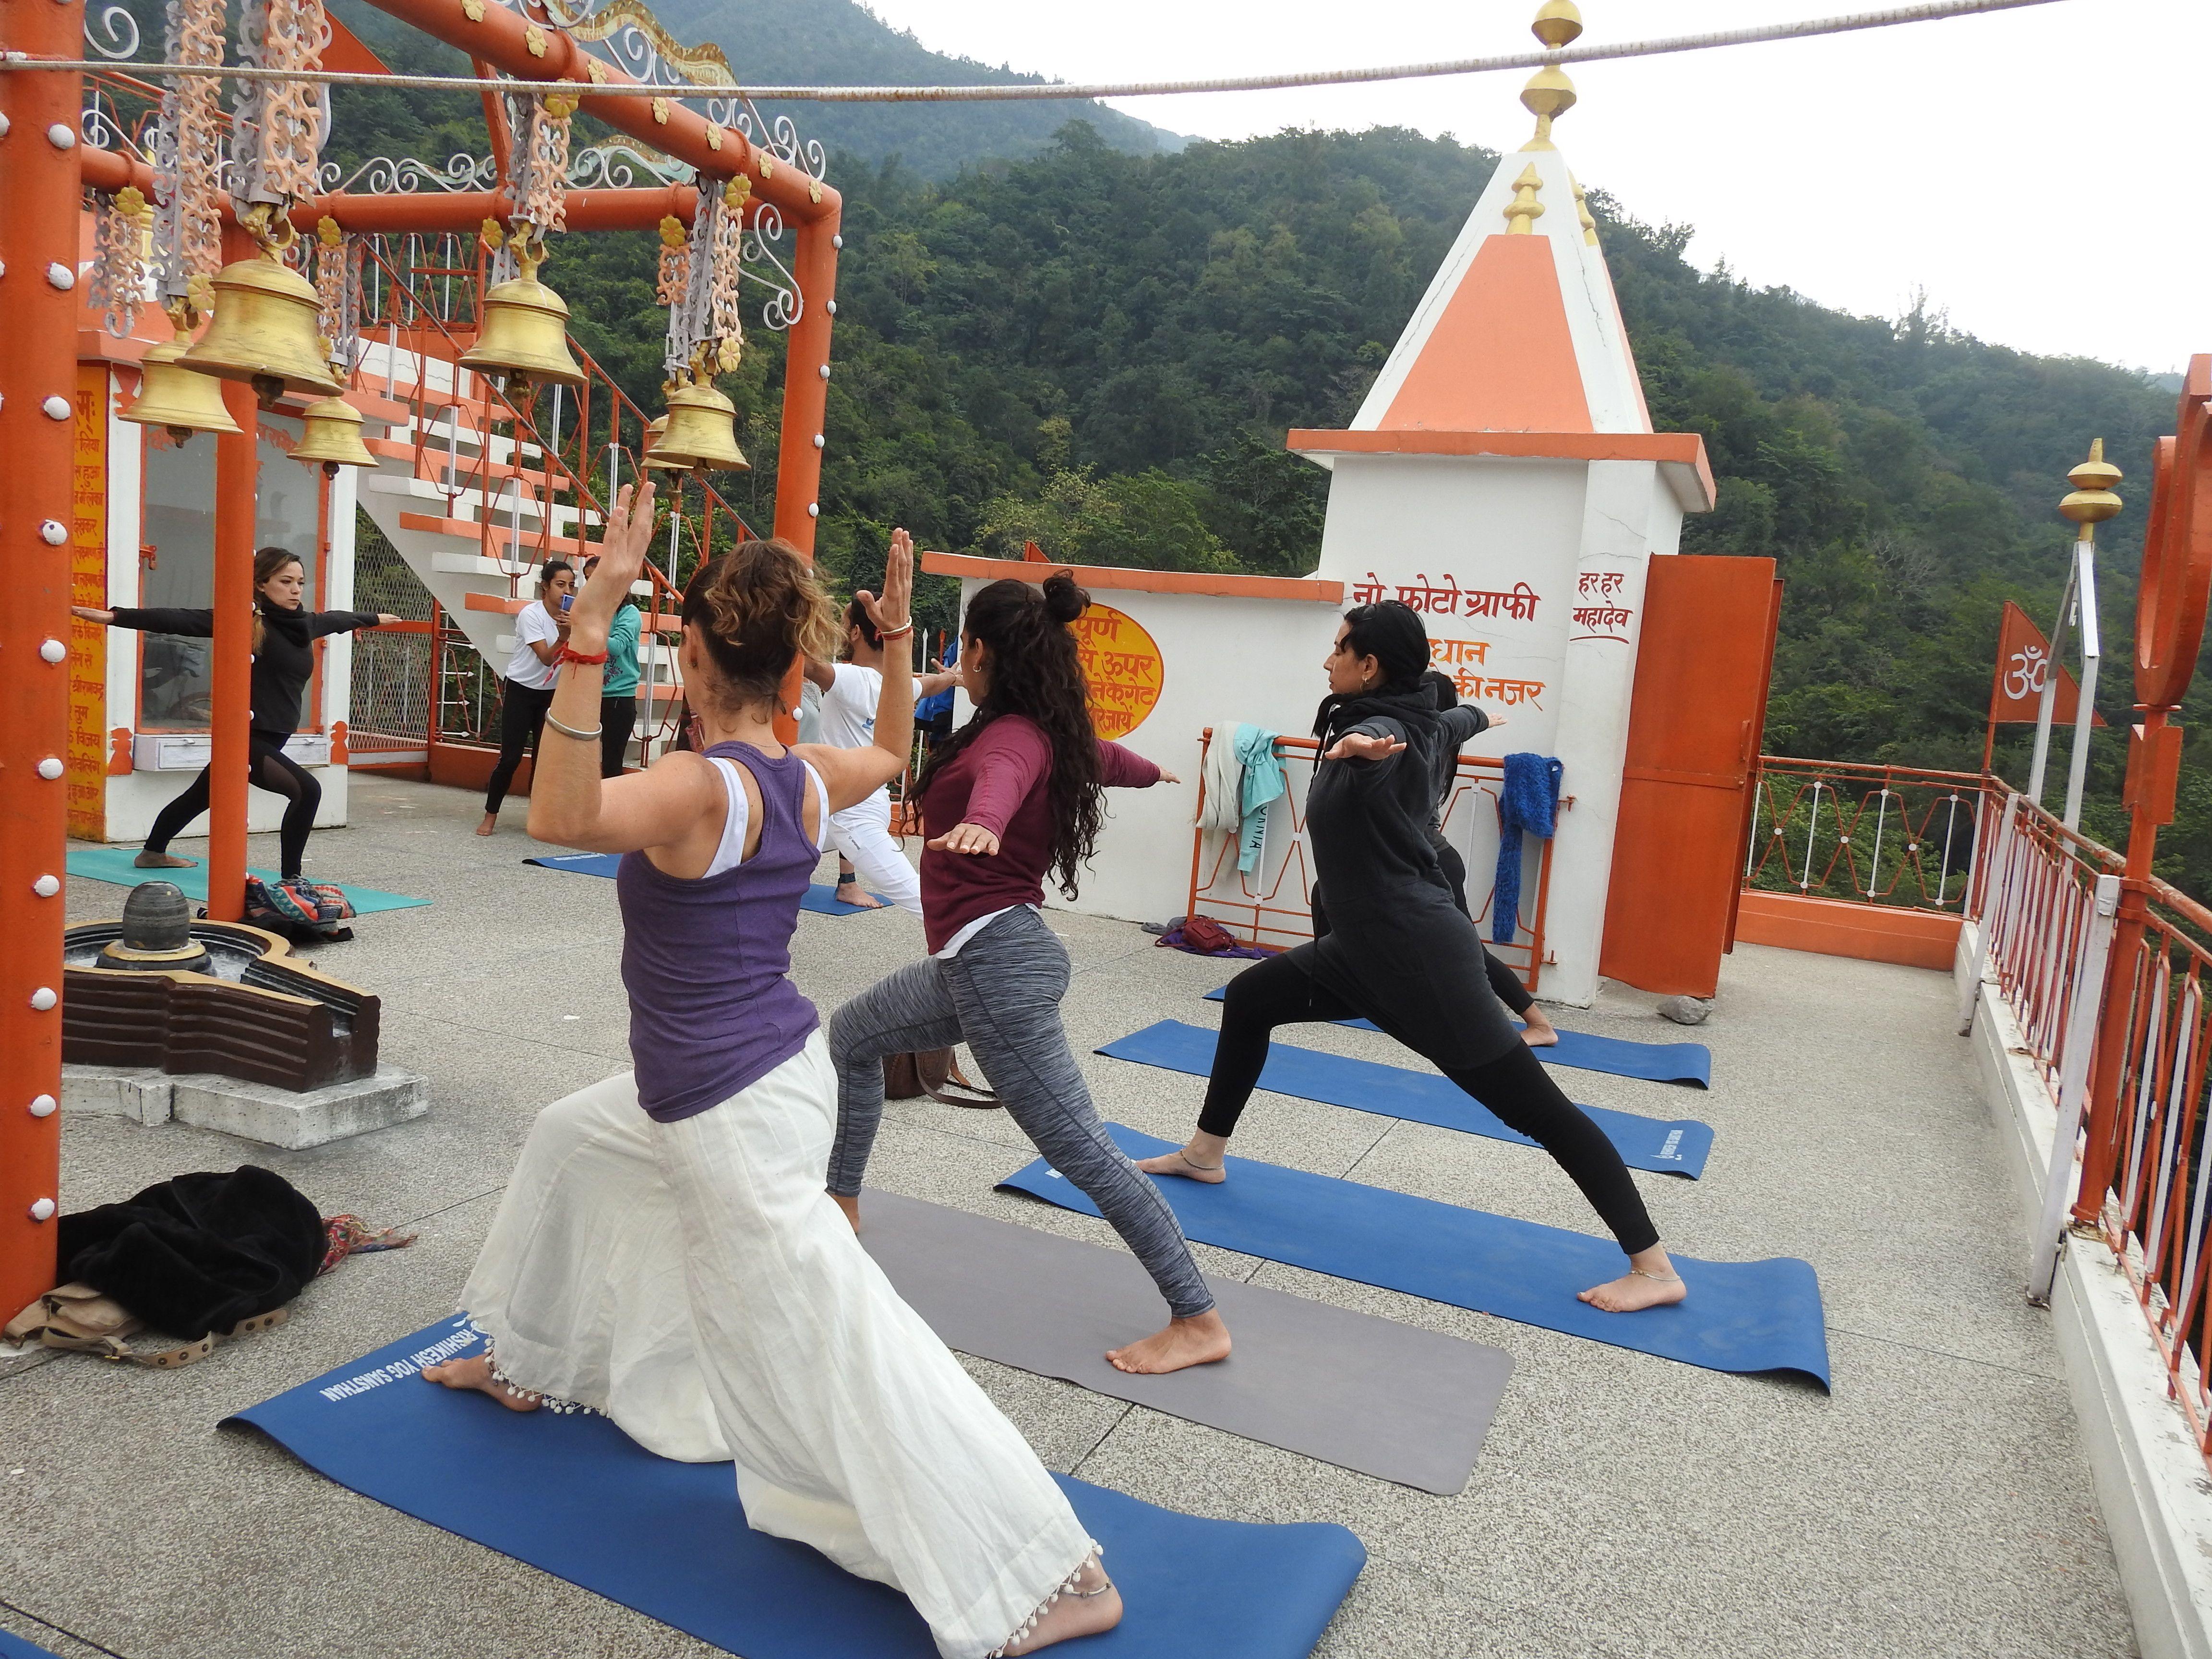 200 Hours Yoga Teacher Training Rishikesh India With Images Yoga Teacher Training 200 Hour Yoga Teacher Training Yoga Teacher Training Rishikesh